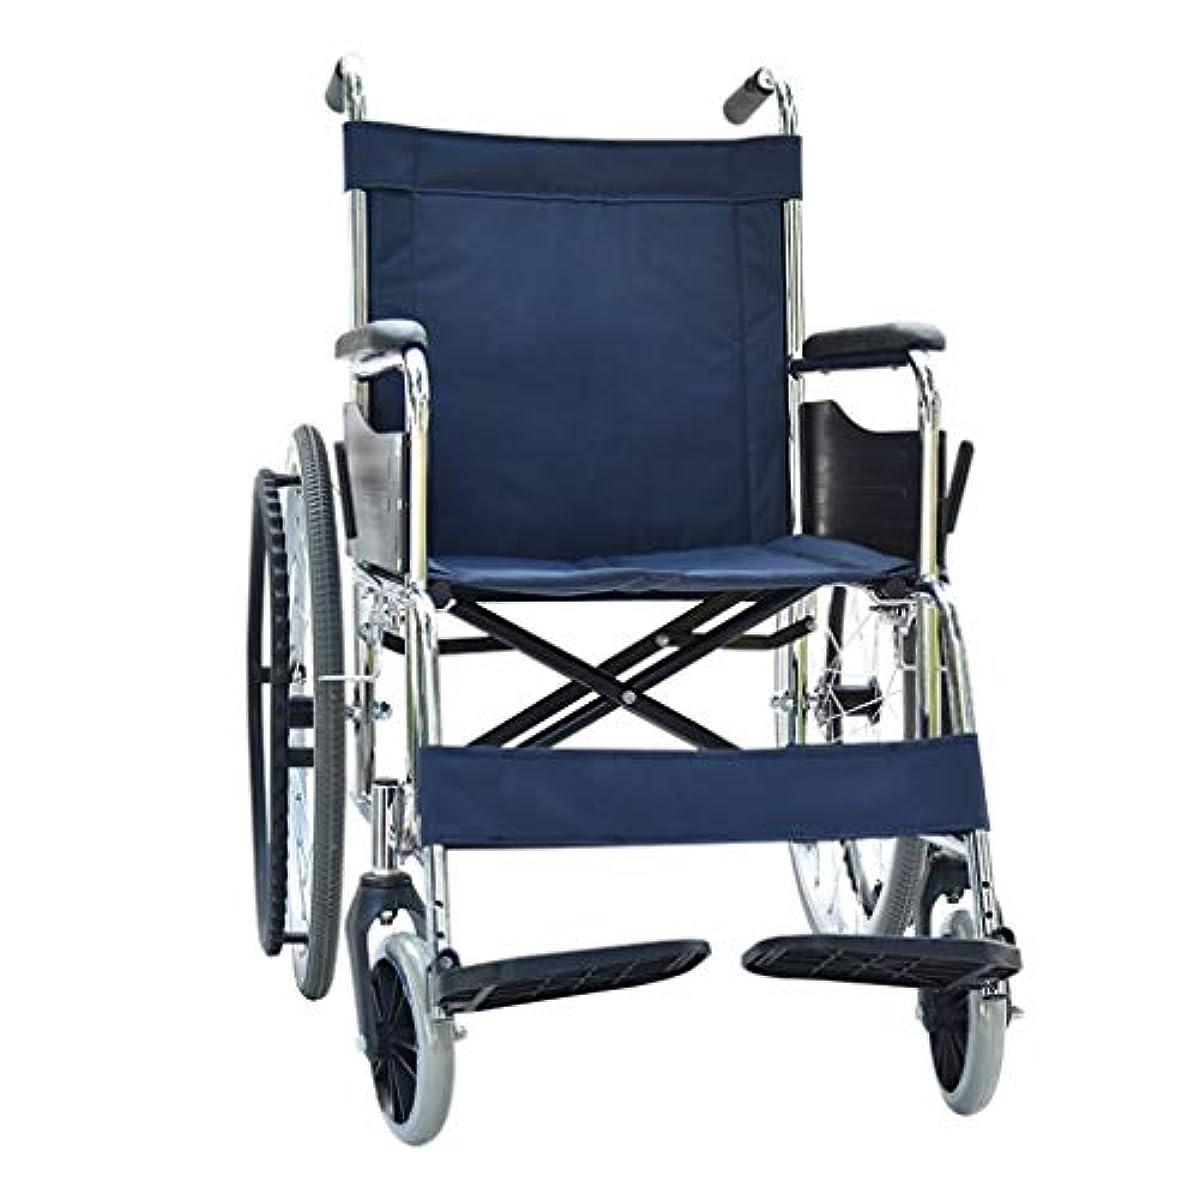 センタールーフ関与する車椅子折りたたみ式、高齢者、障害者用トロリー、調節可能なフットペダル、リアストレージバッグデザイン